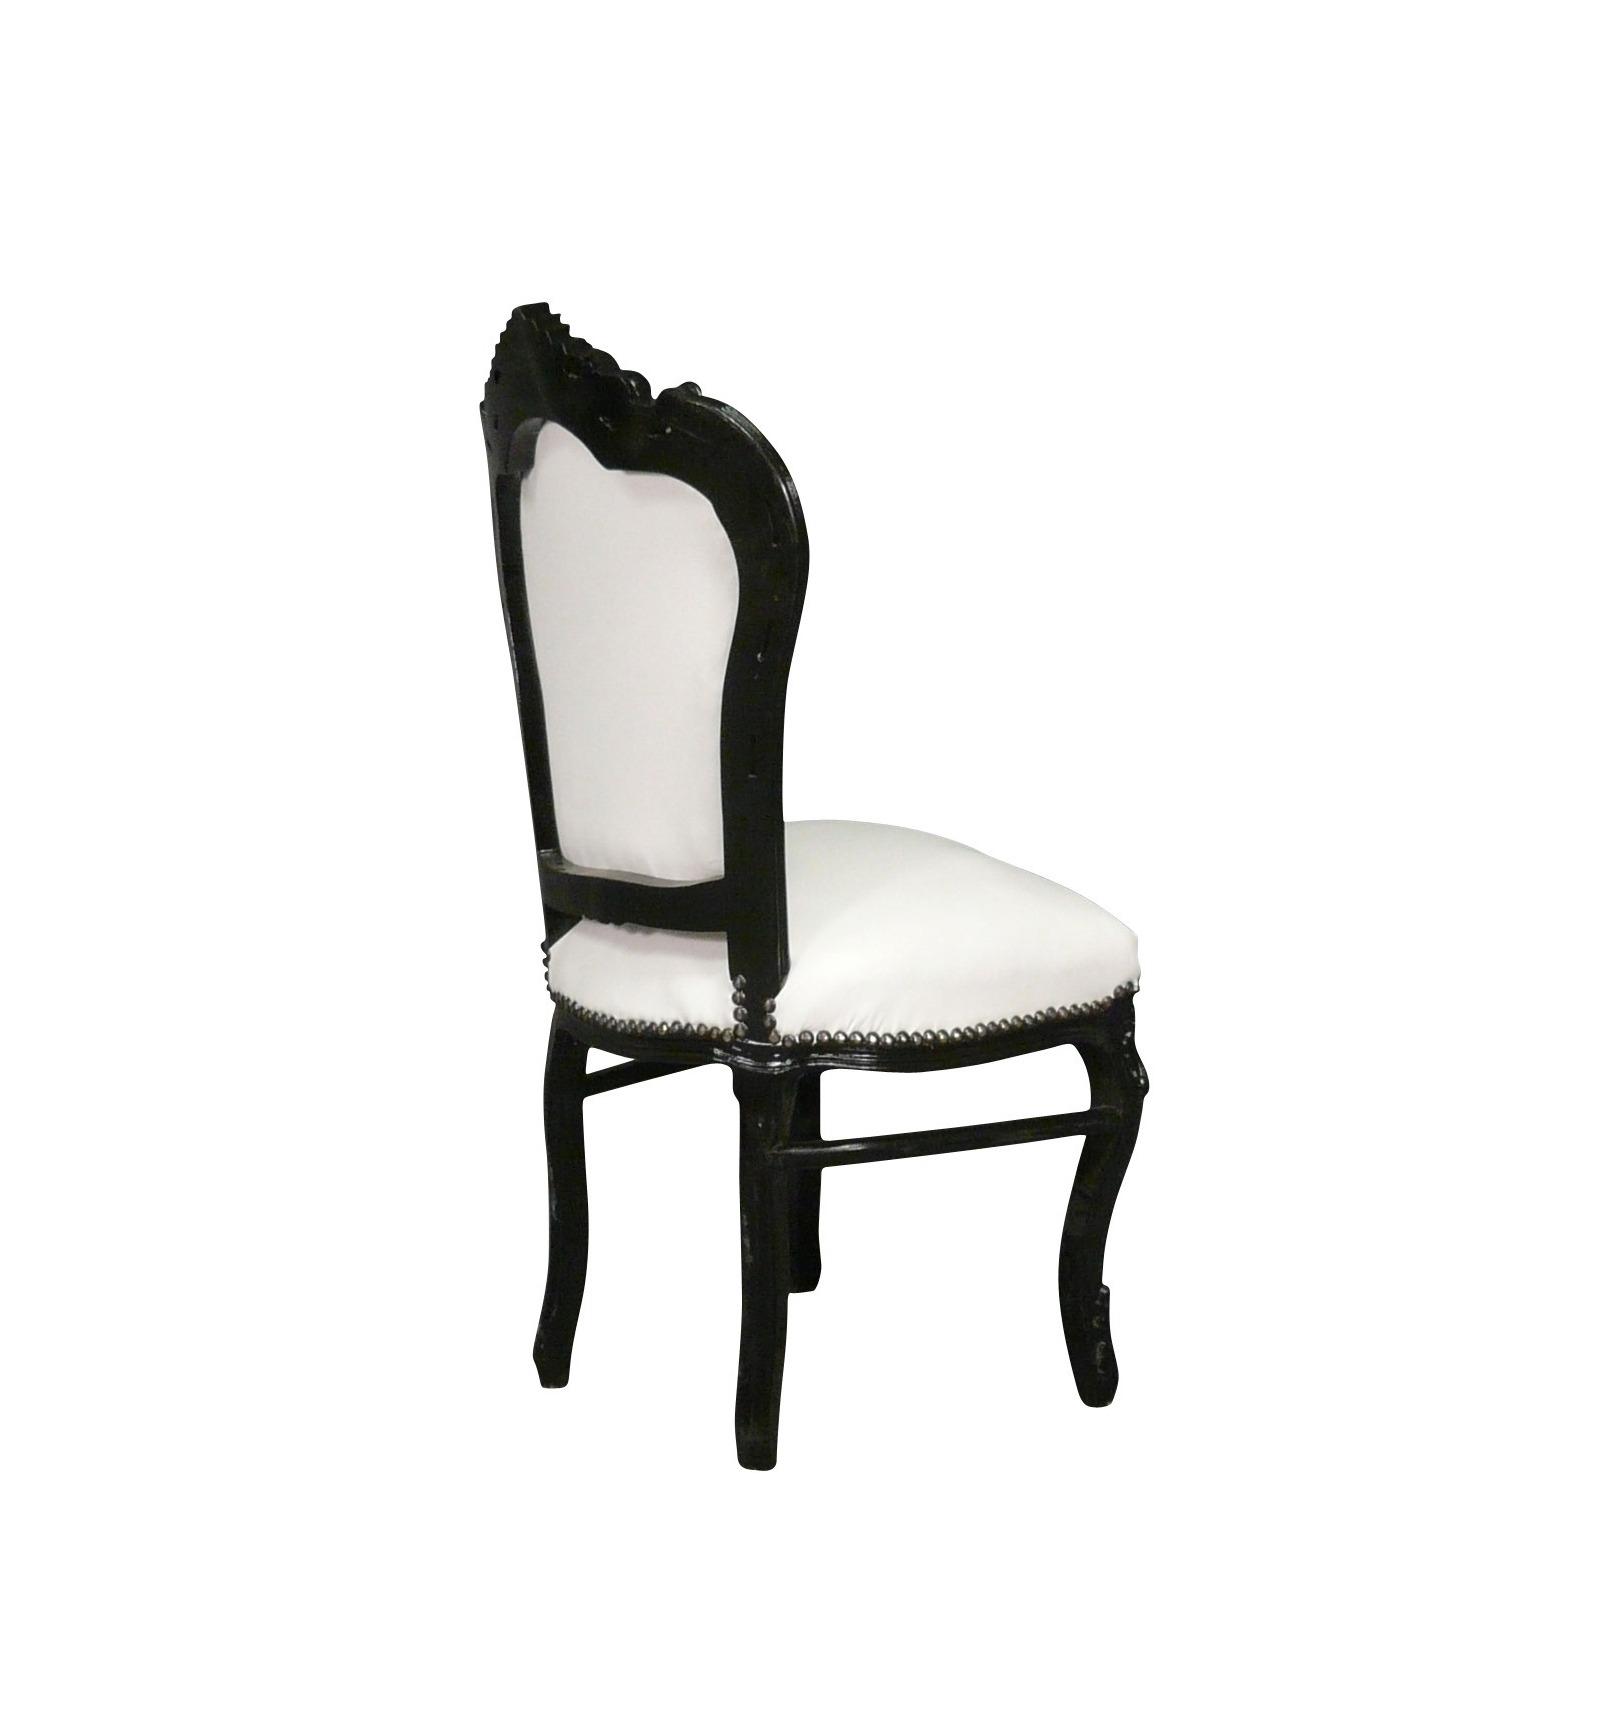 Barock Stuhl schwarz weiß Serie Vesoul Barocke Stühle